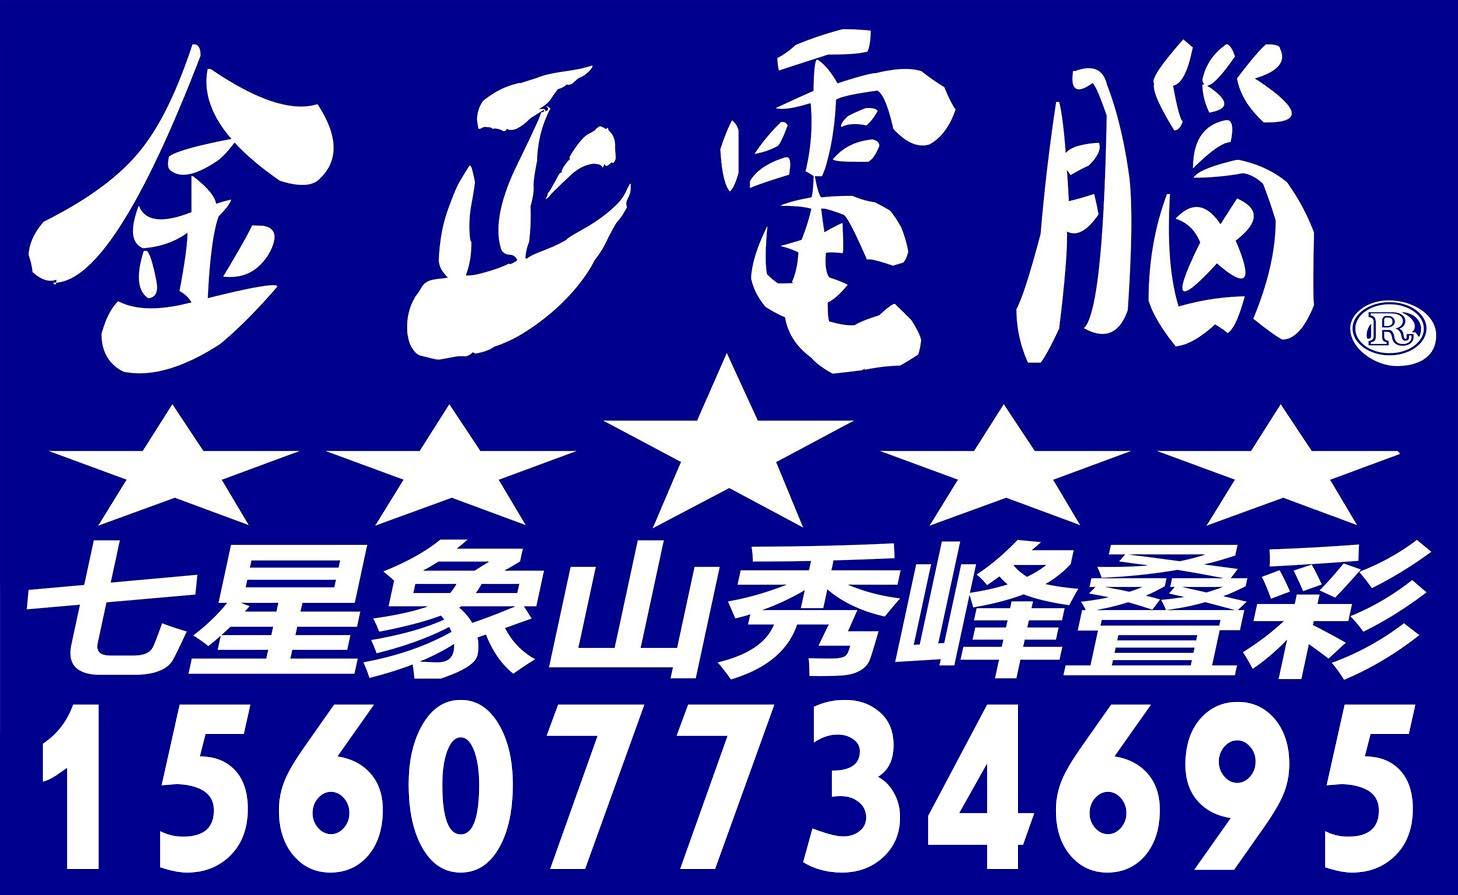 一站式电脑服务台式手提维修极速上门使命必达全桂林业界NO.1